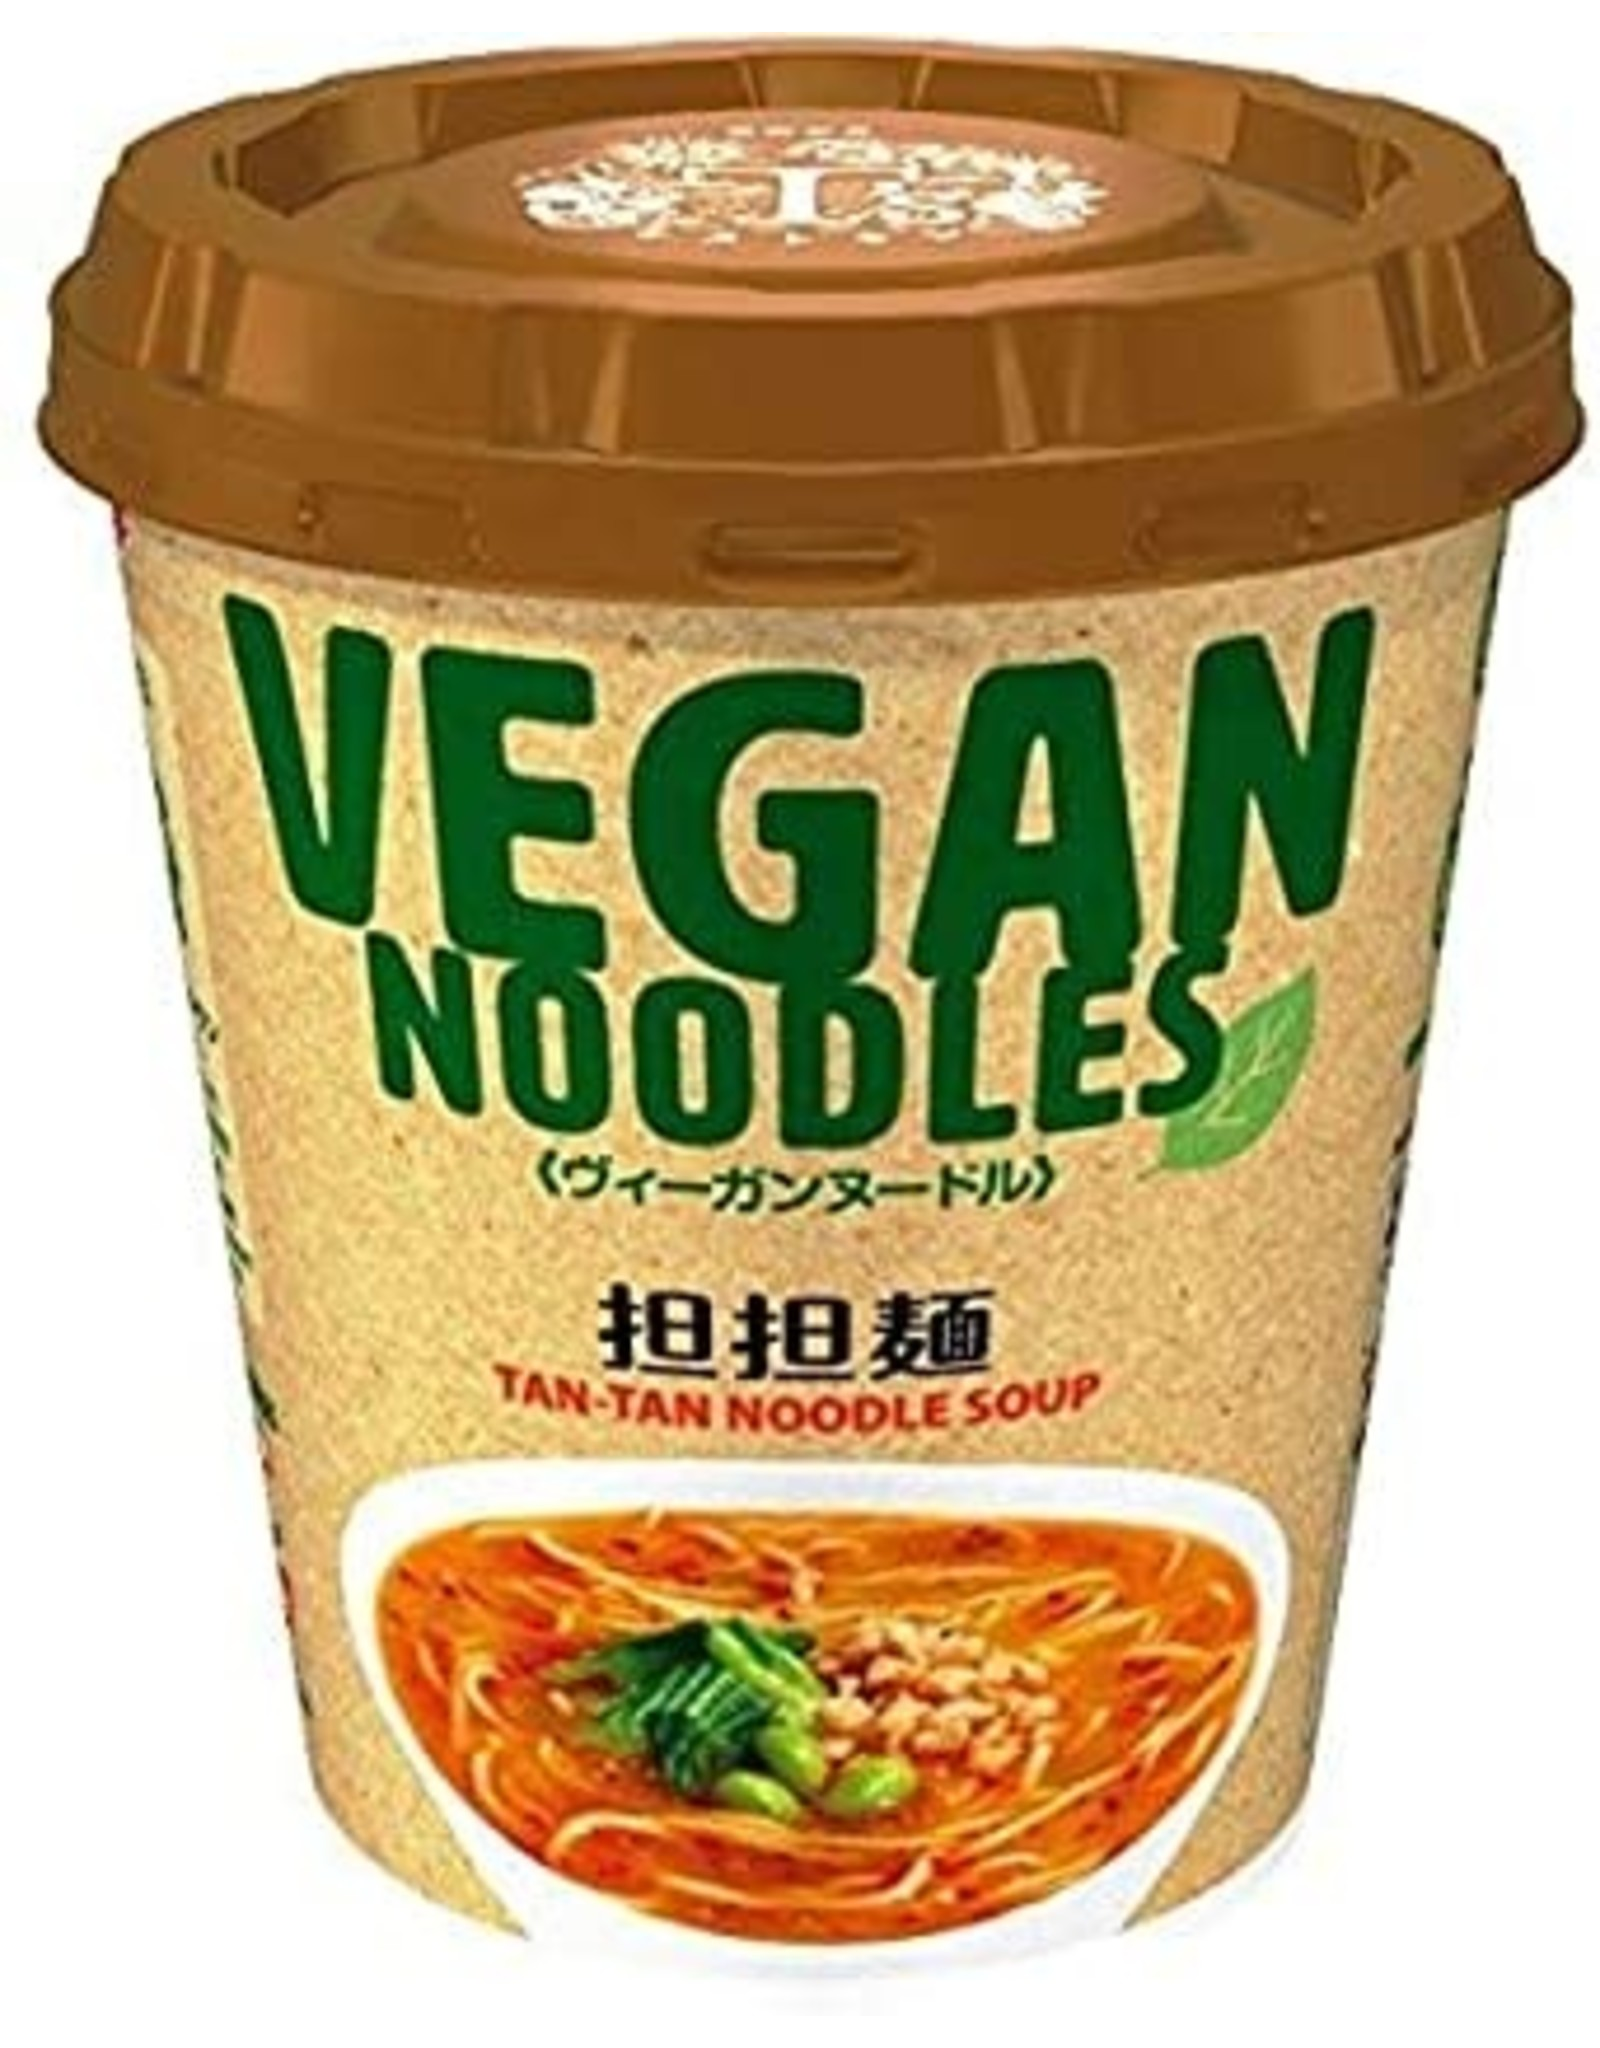 Vegan Noodles - Tan Tan Noodle Soup - 66g